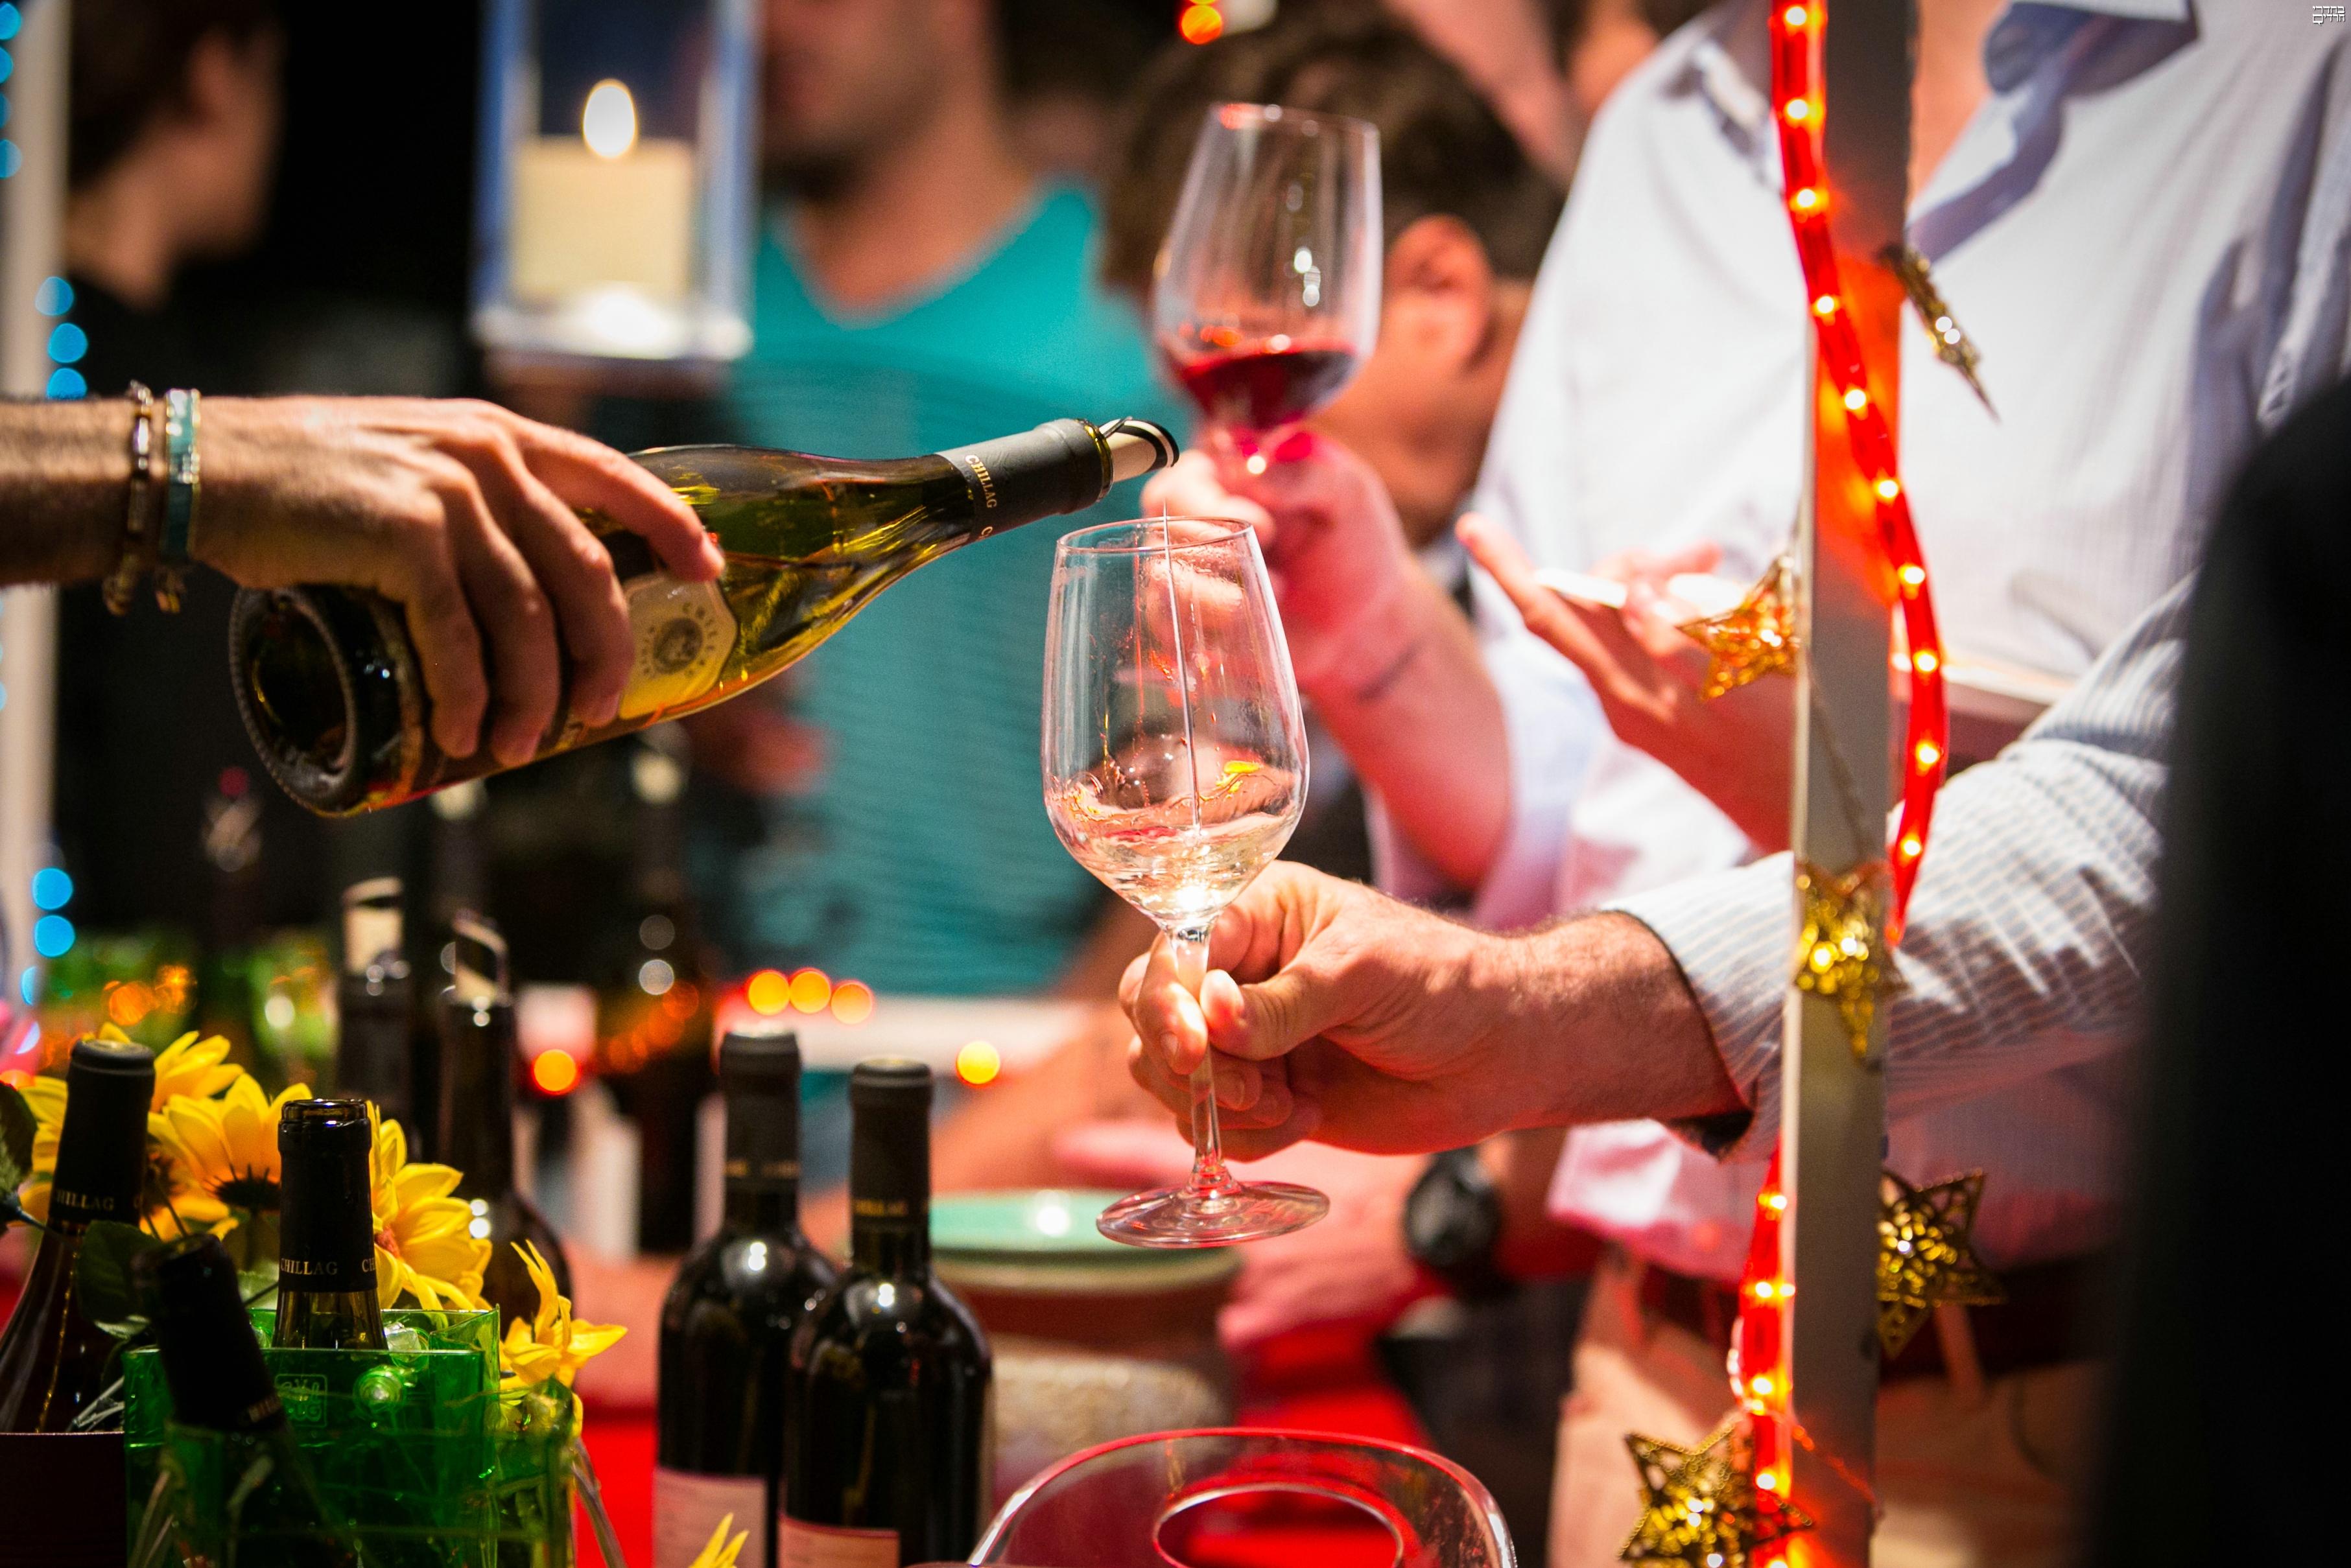 תיירות: פסטיבל היין ה-11 במוזיאון ישראל